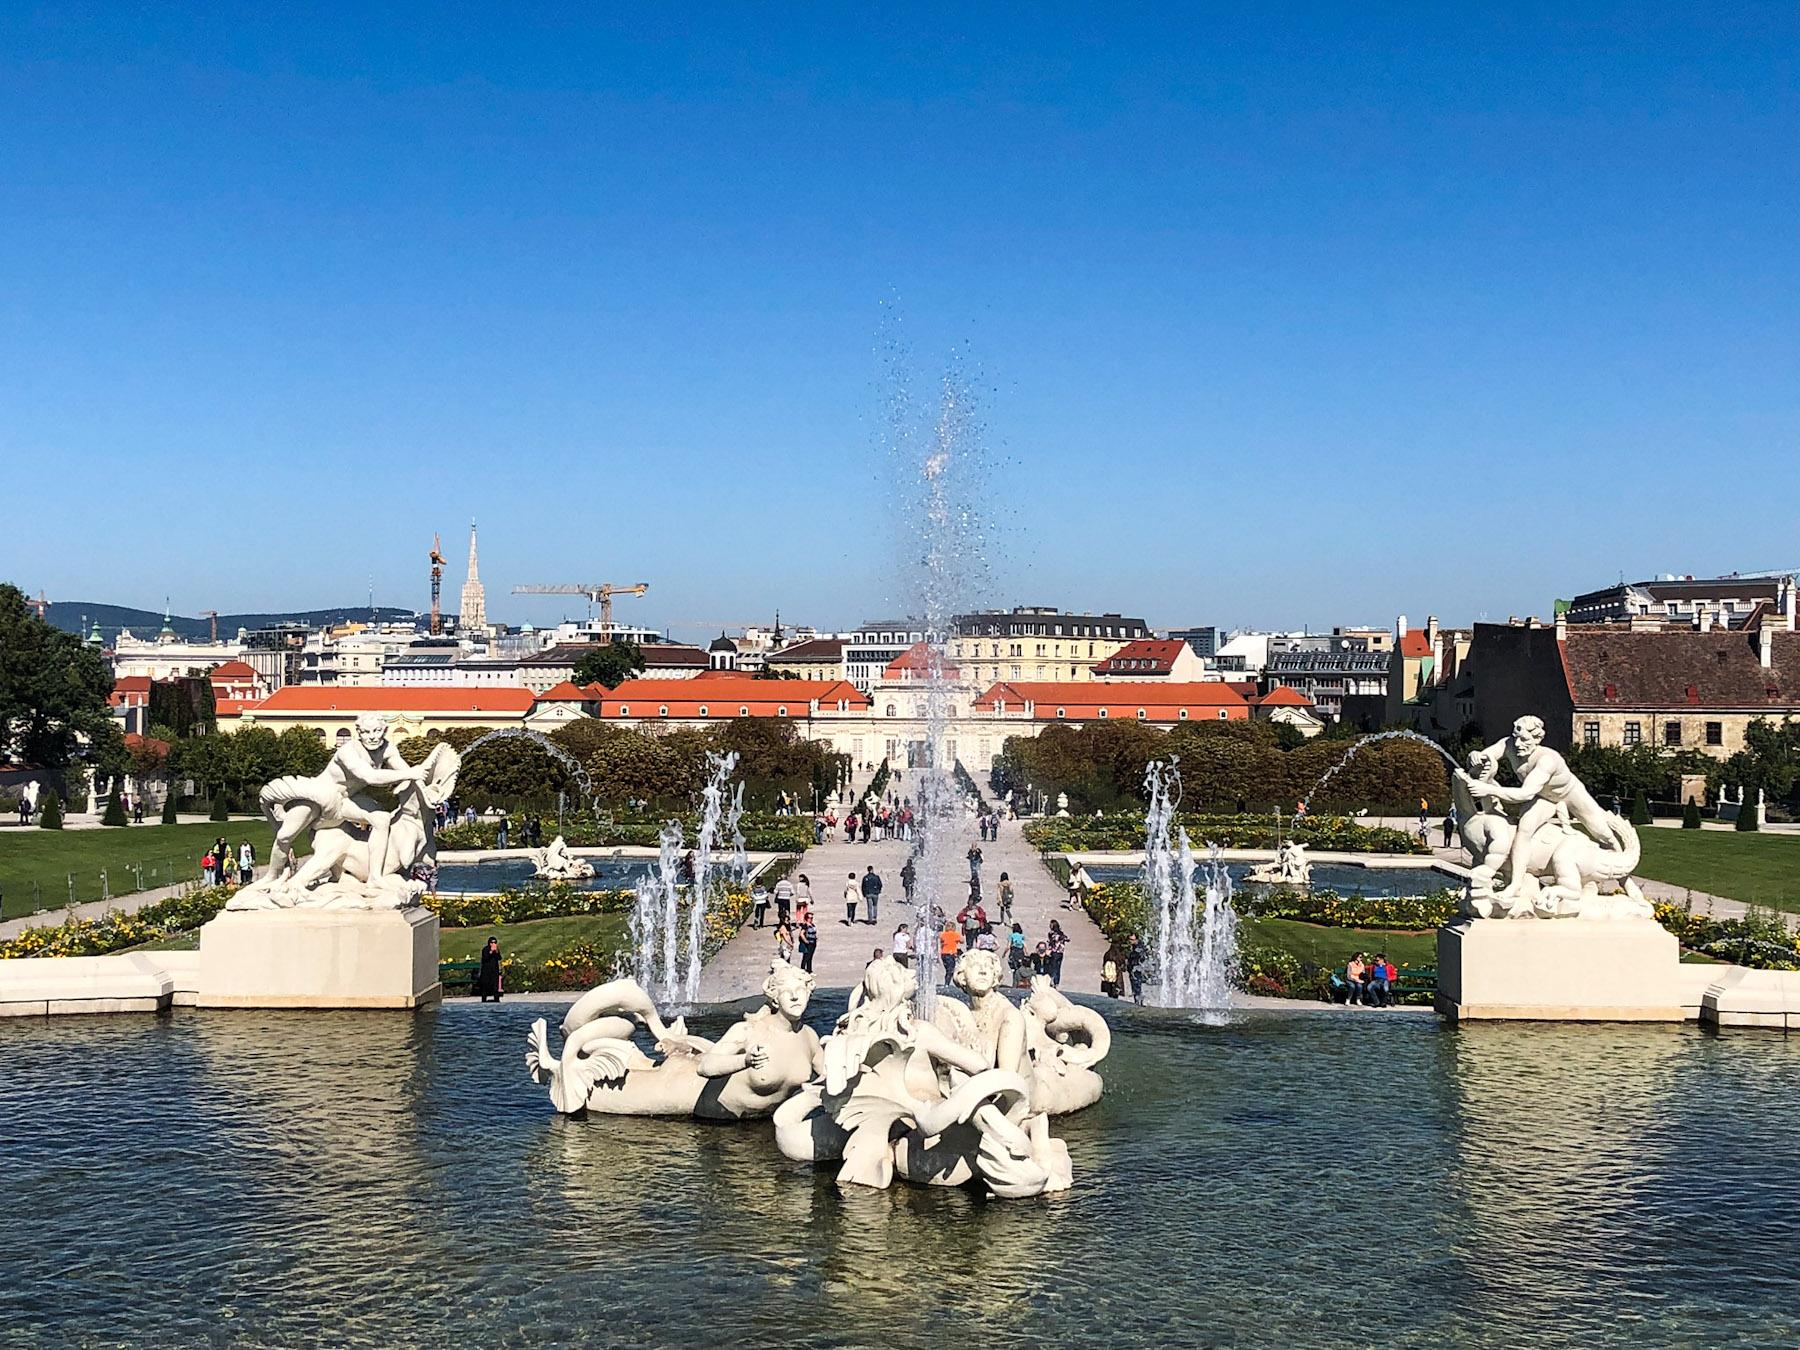 Belvedere Fountain, Belvederegarten, Vienna, Austria